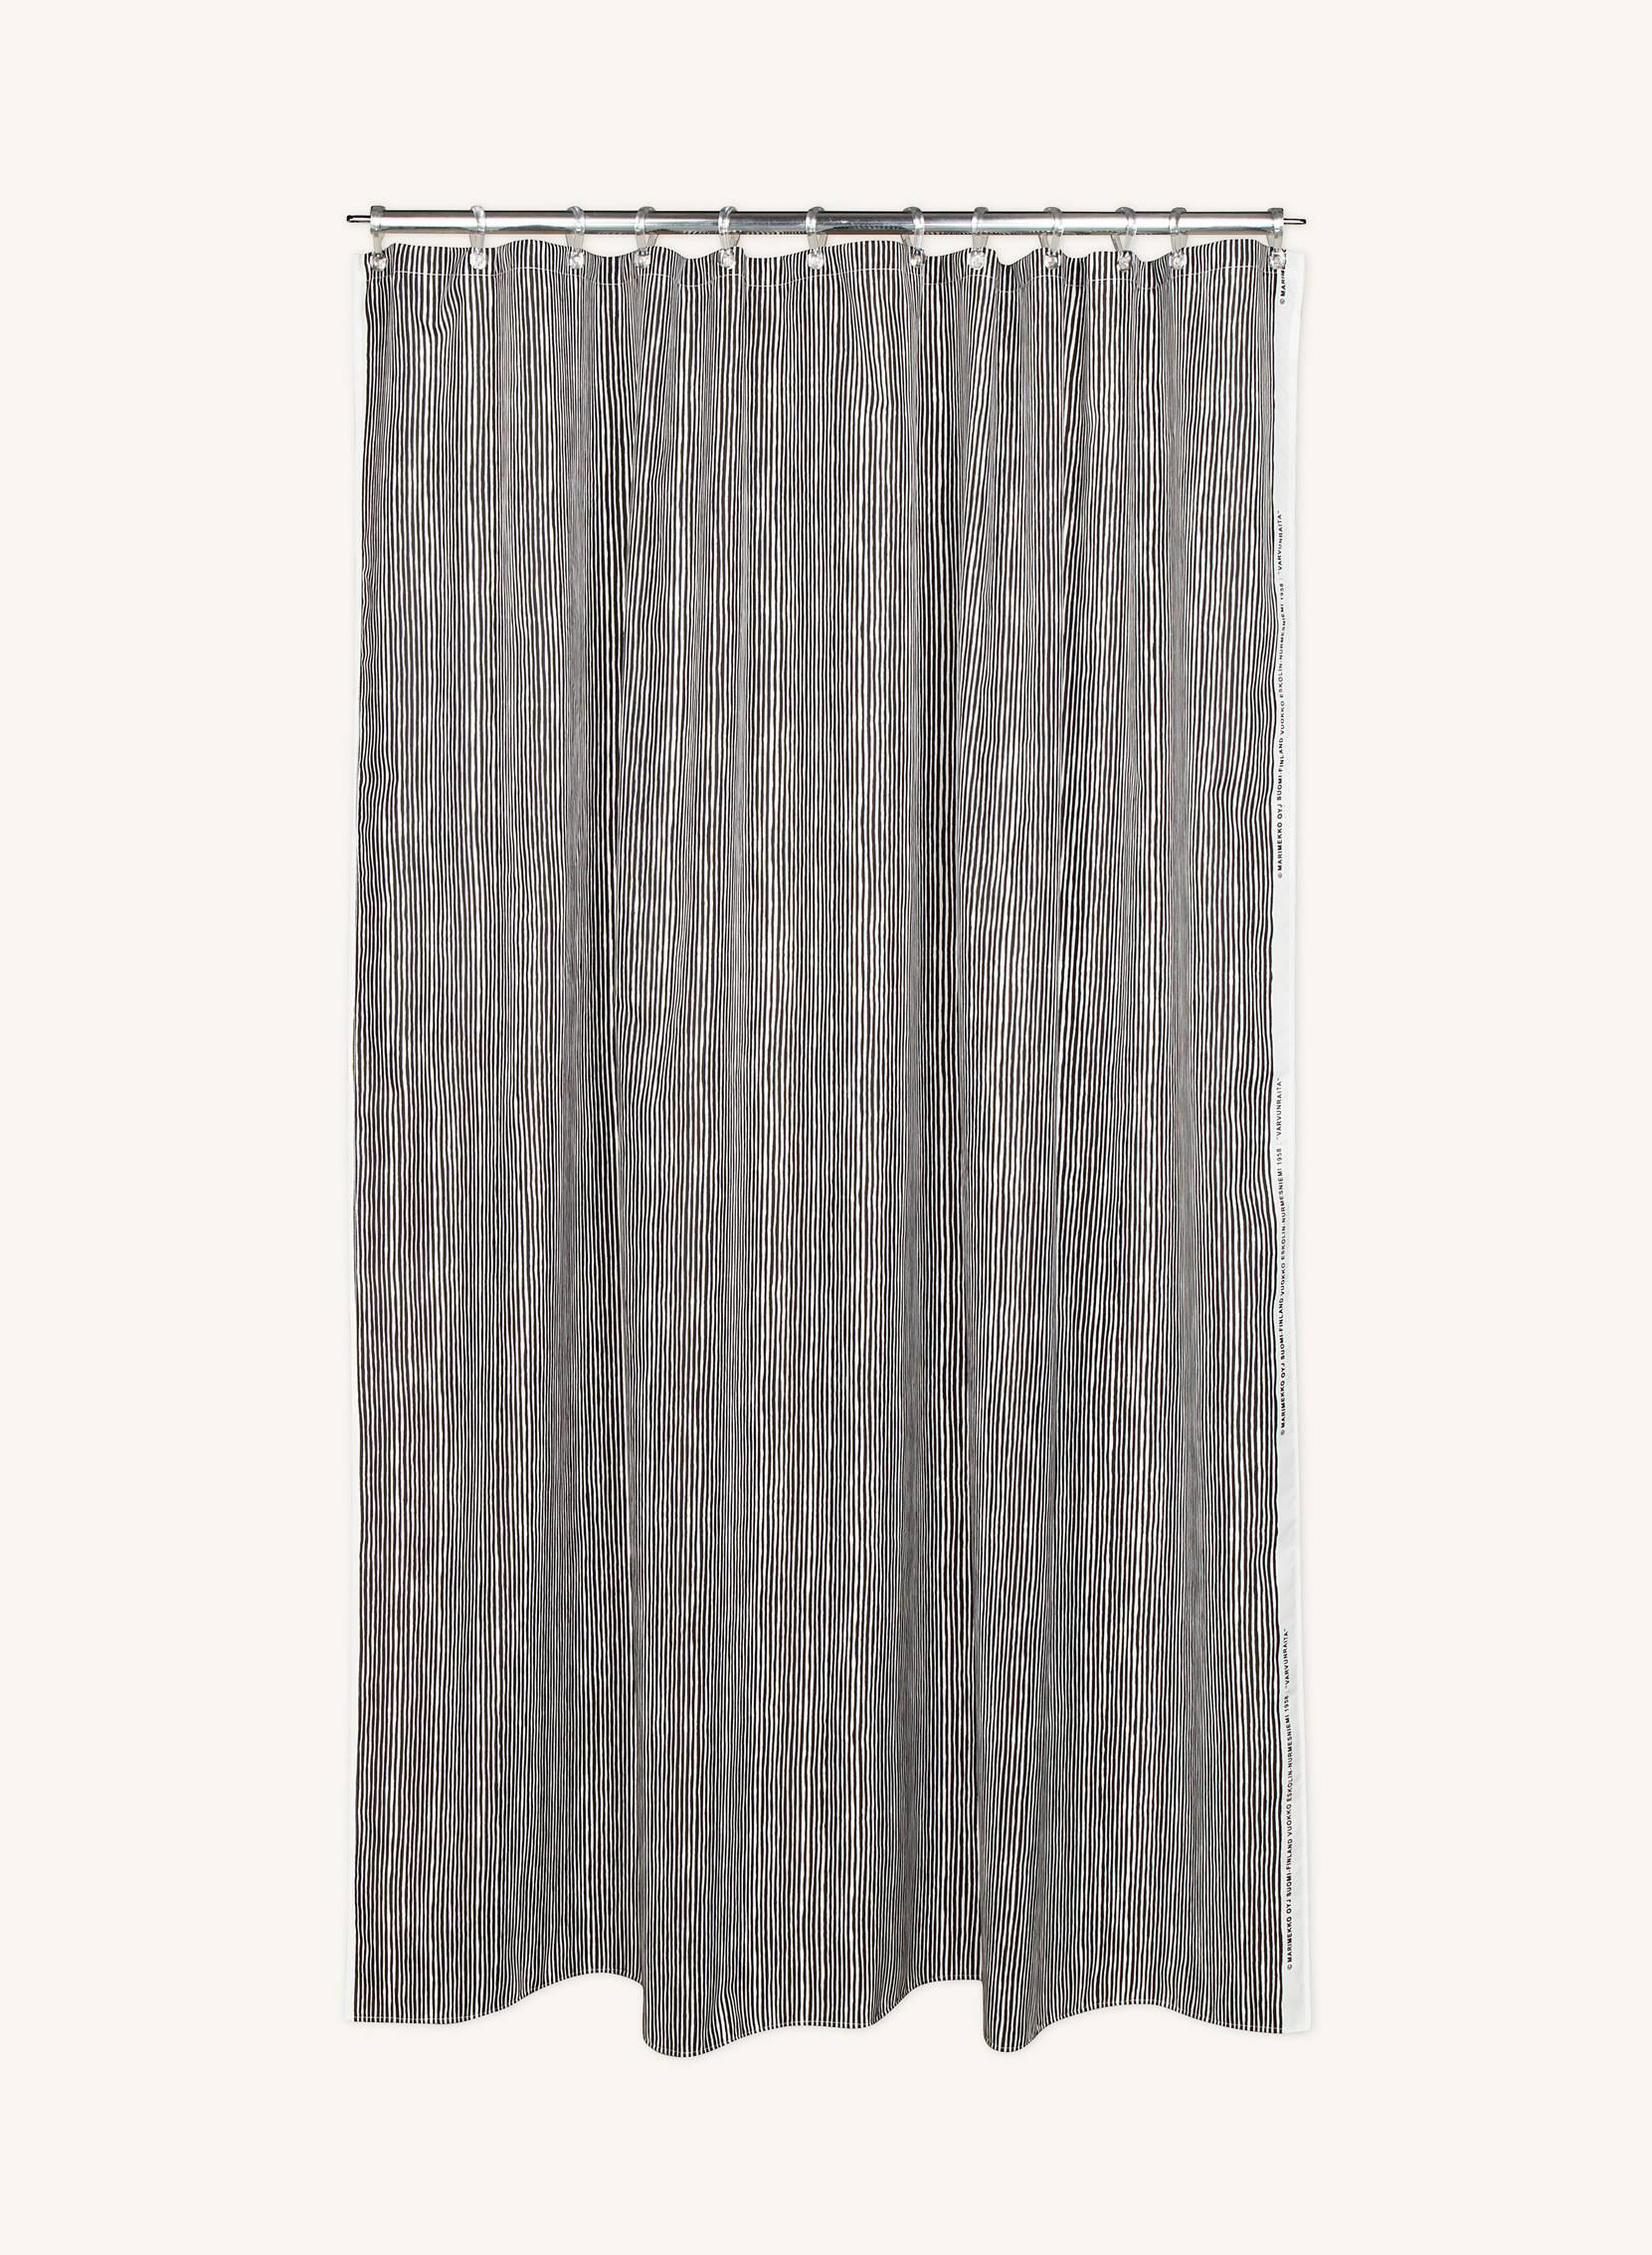 Varvunraita-suihkuverho